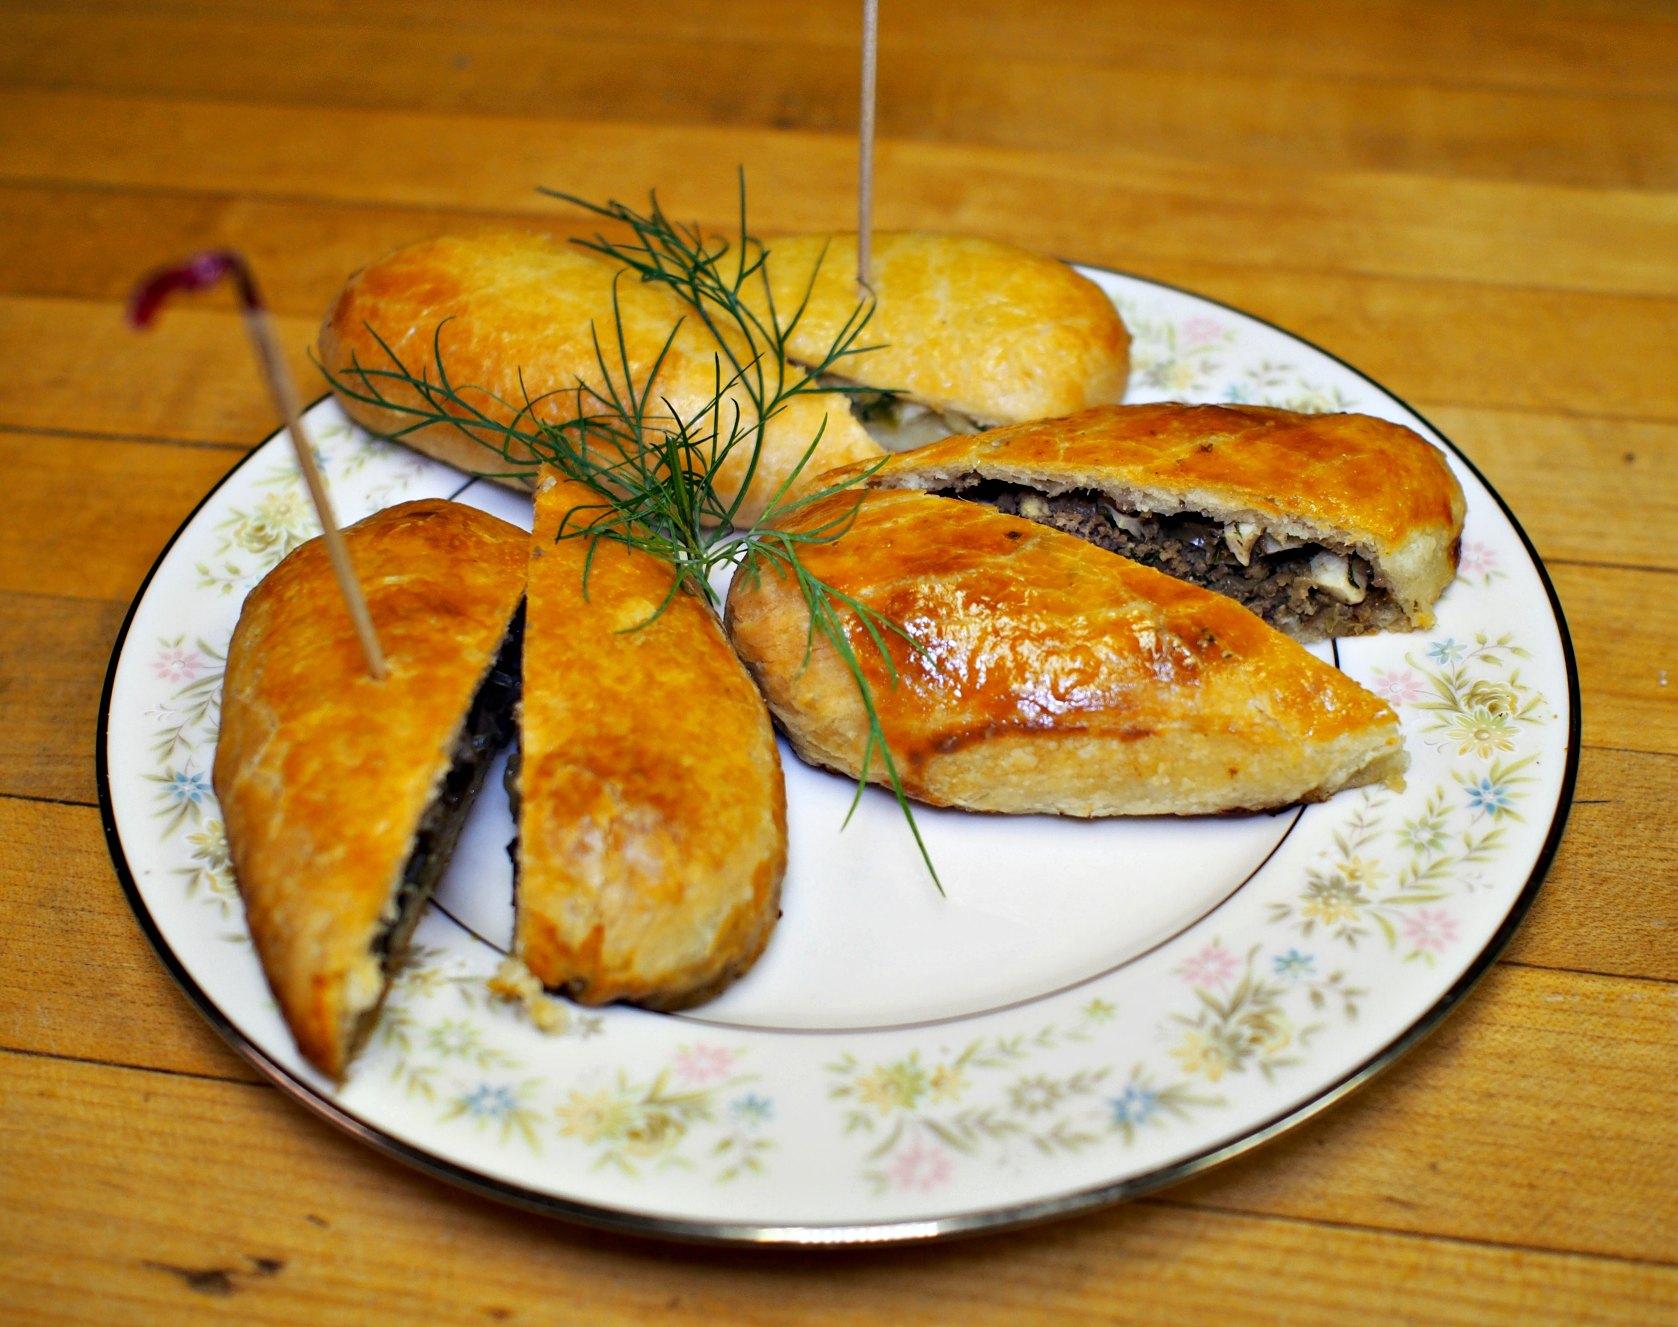 Luncheon Piroshki